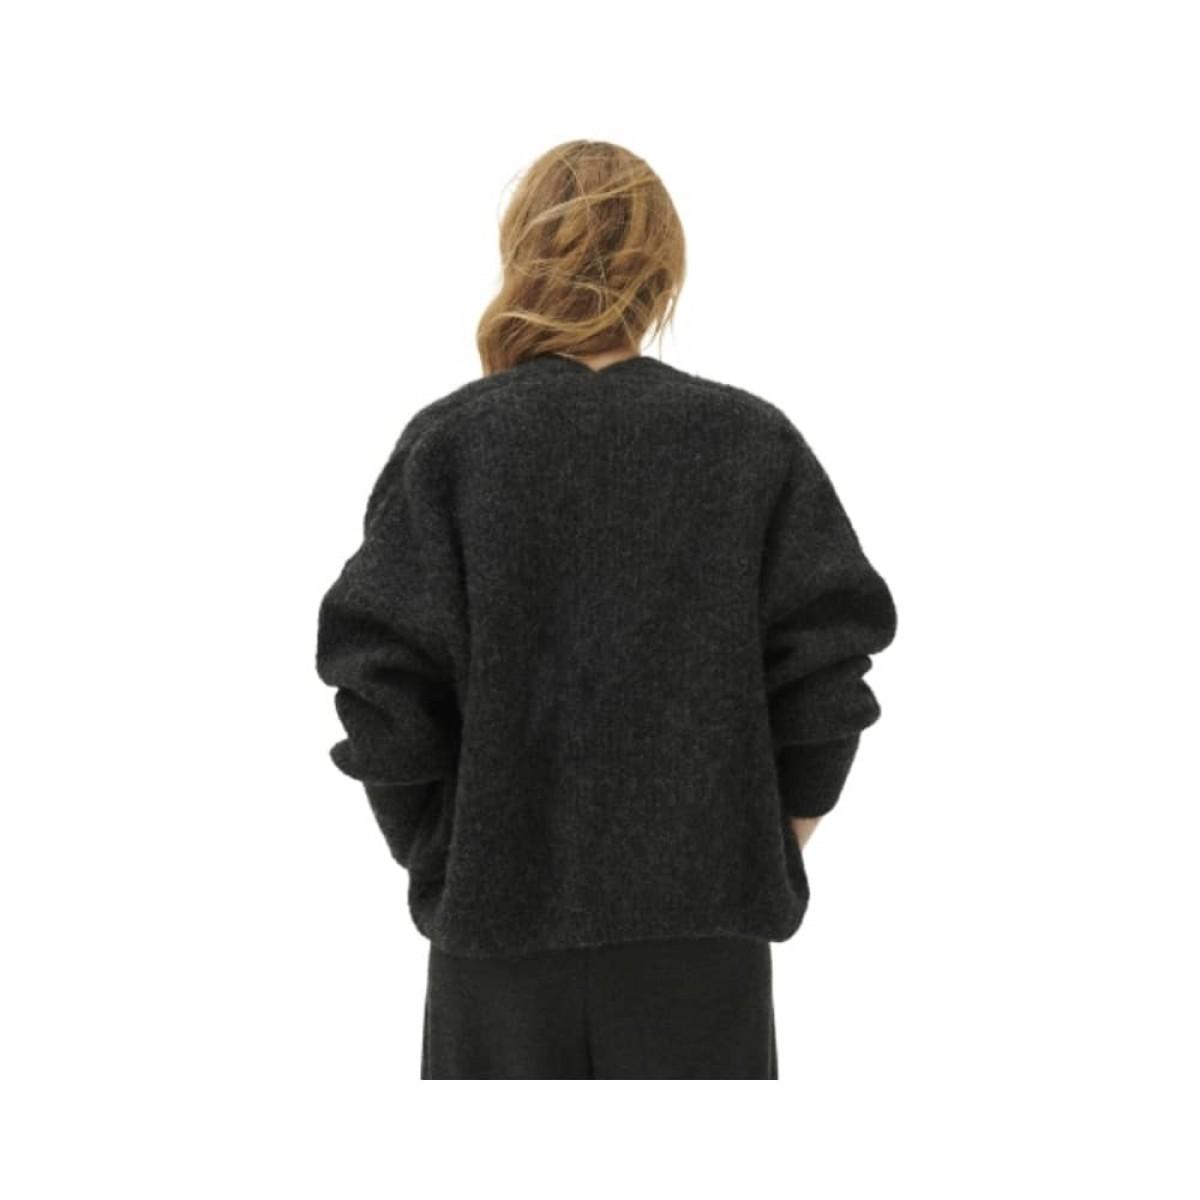 east strik cardigan - charcoal melange - model ryggen